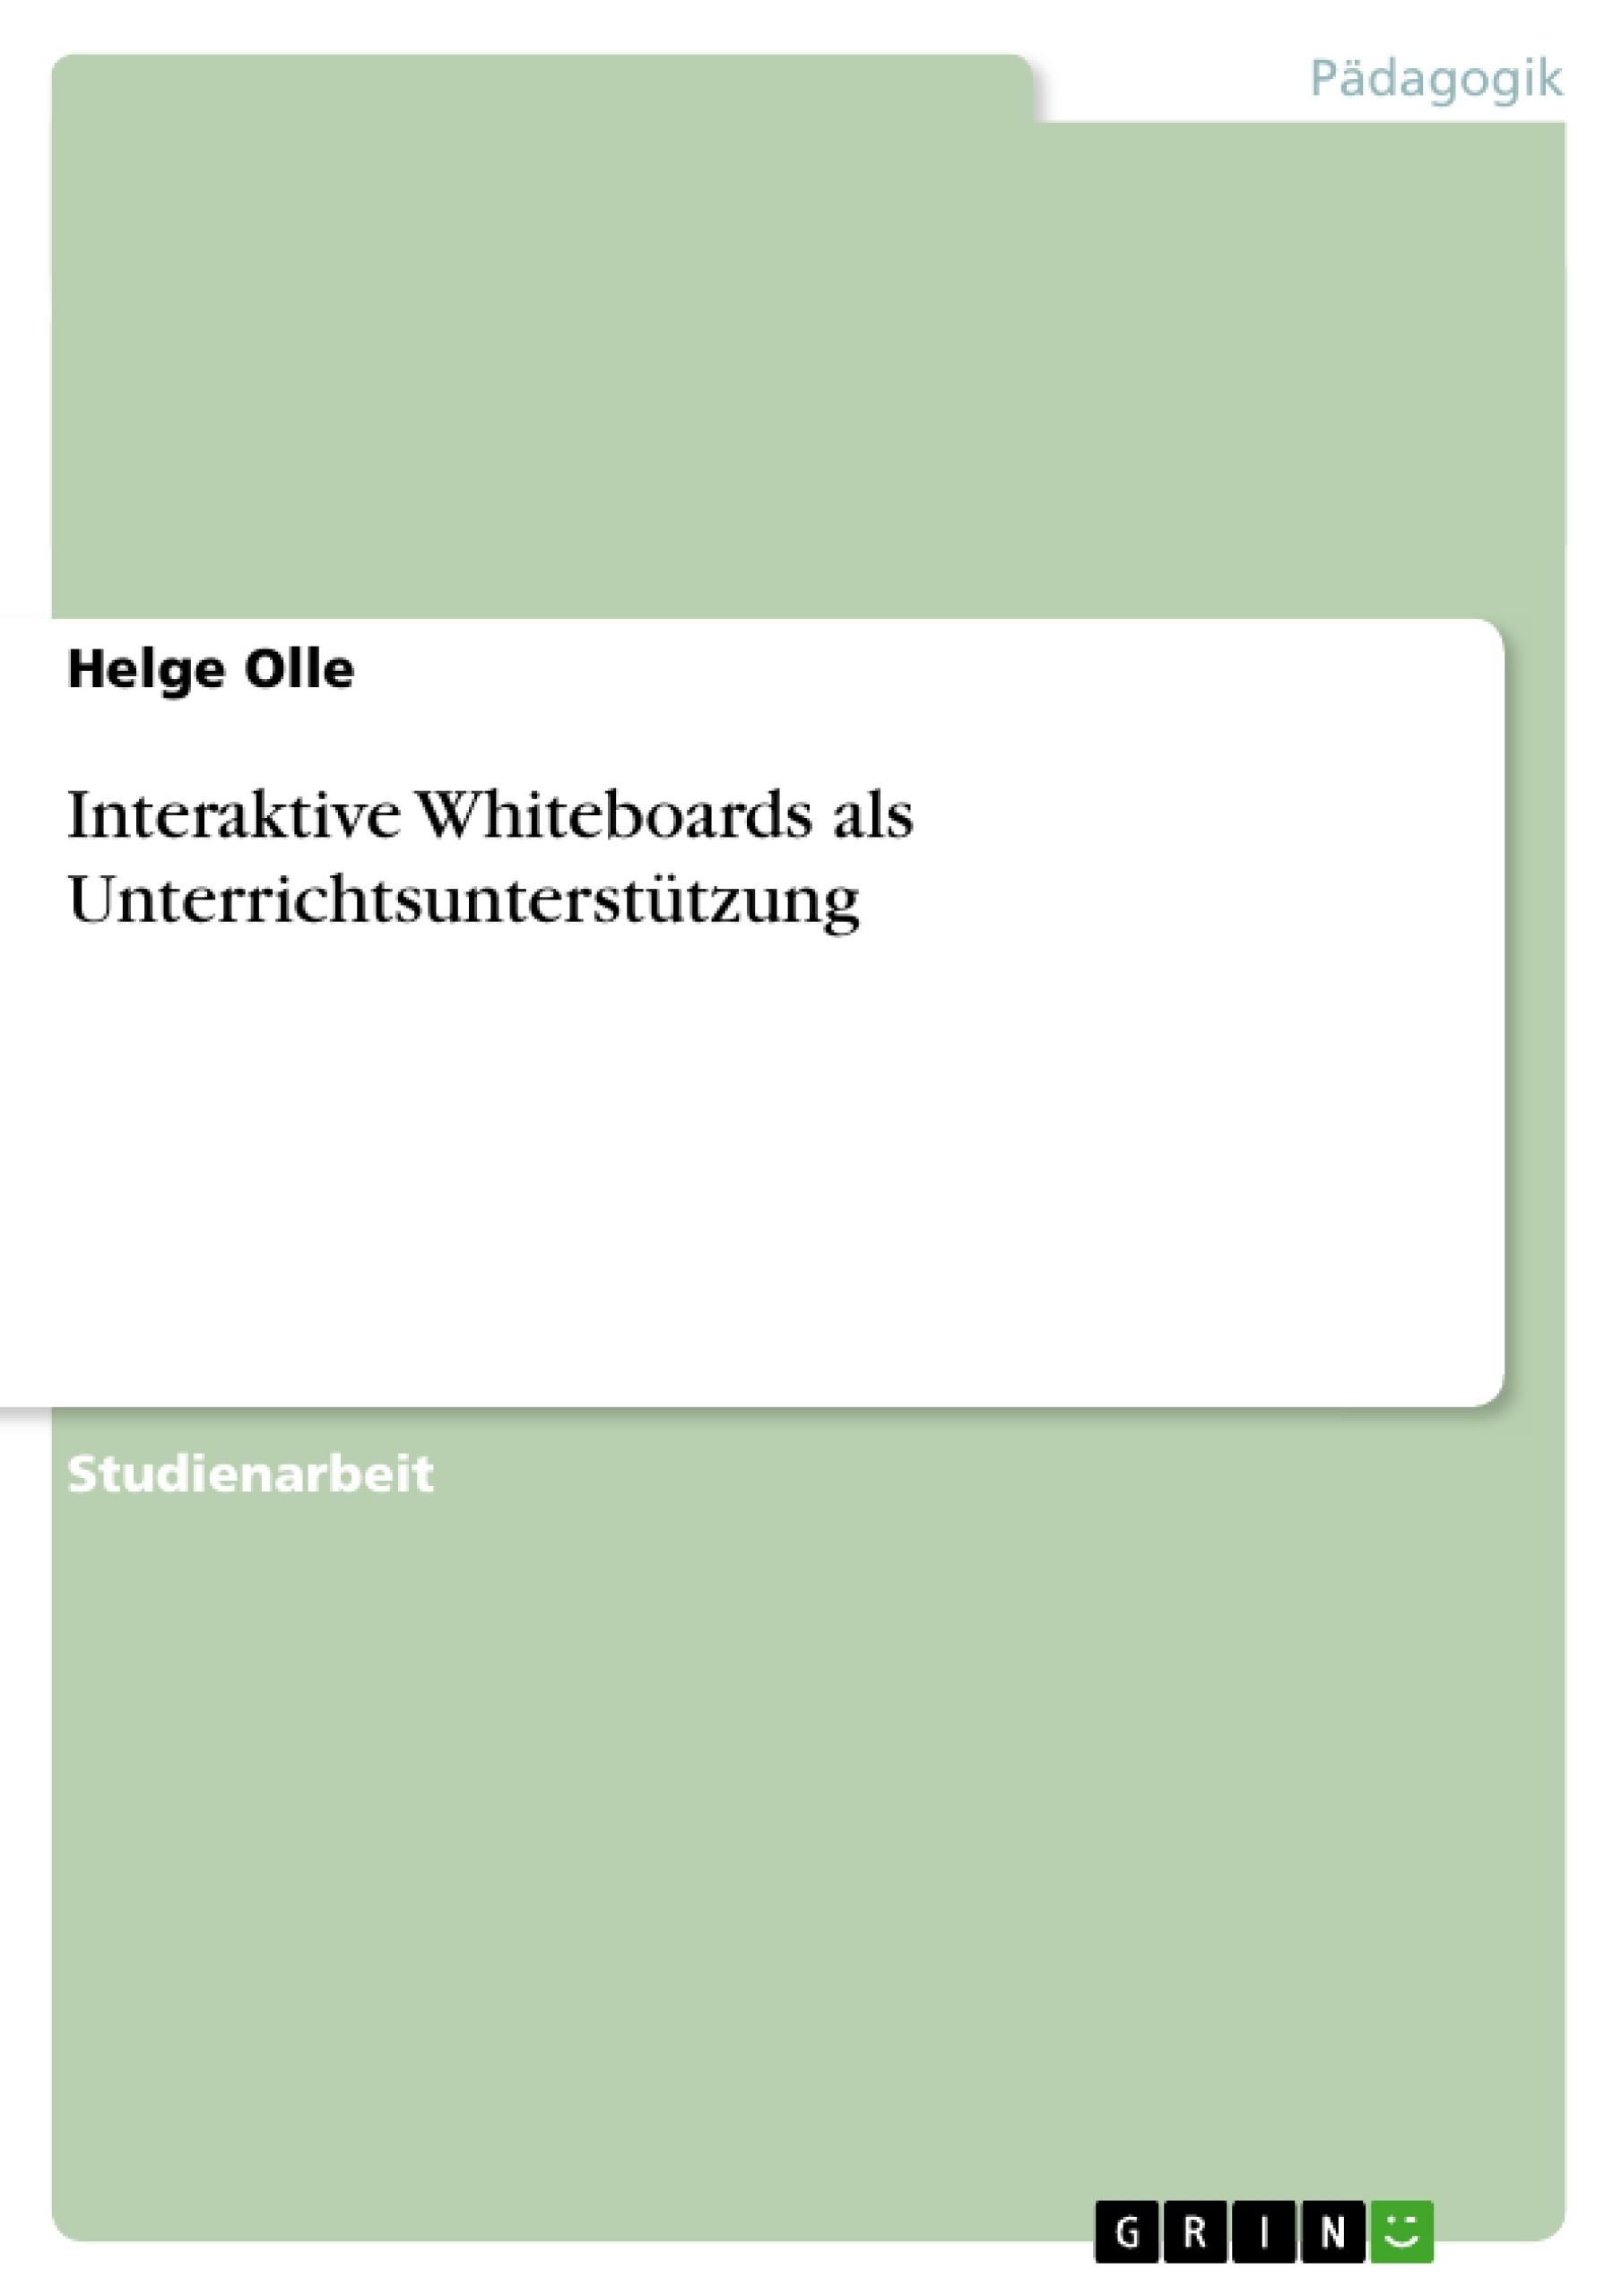 Titel: Interaktive Whiteboards als Unterrichtsunterstützung